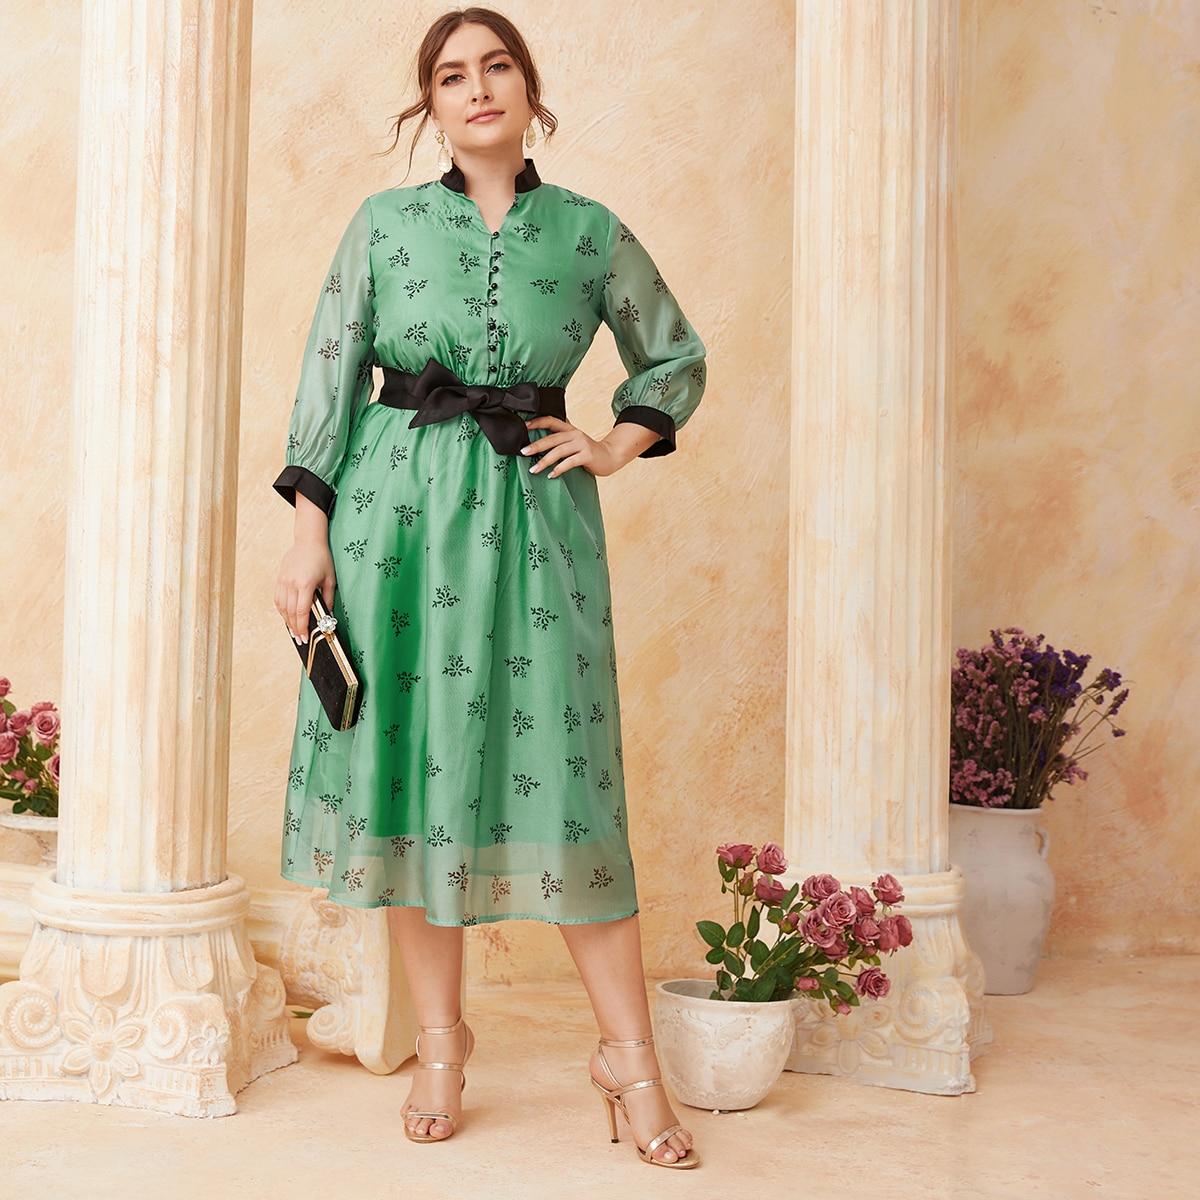 SHEIN / Kleid mit Blumen Muster, Knöpfen vorn, Farbblock und Gürtel